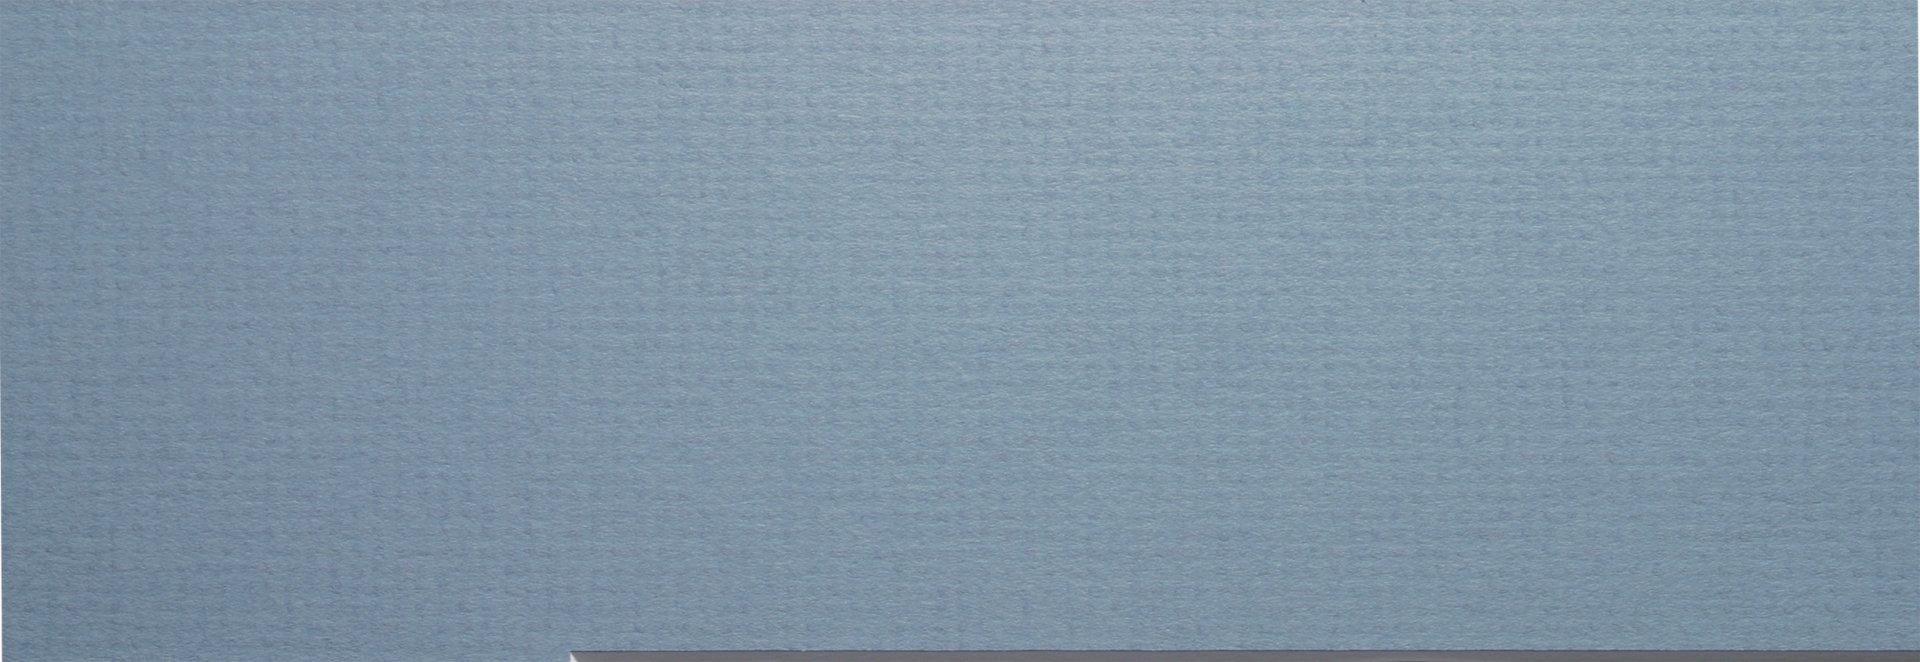 GSRM1073_G1073 Biscay Blue